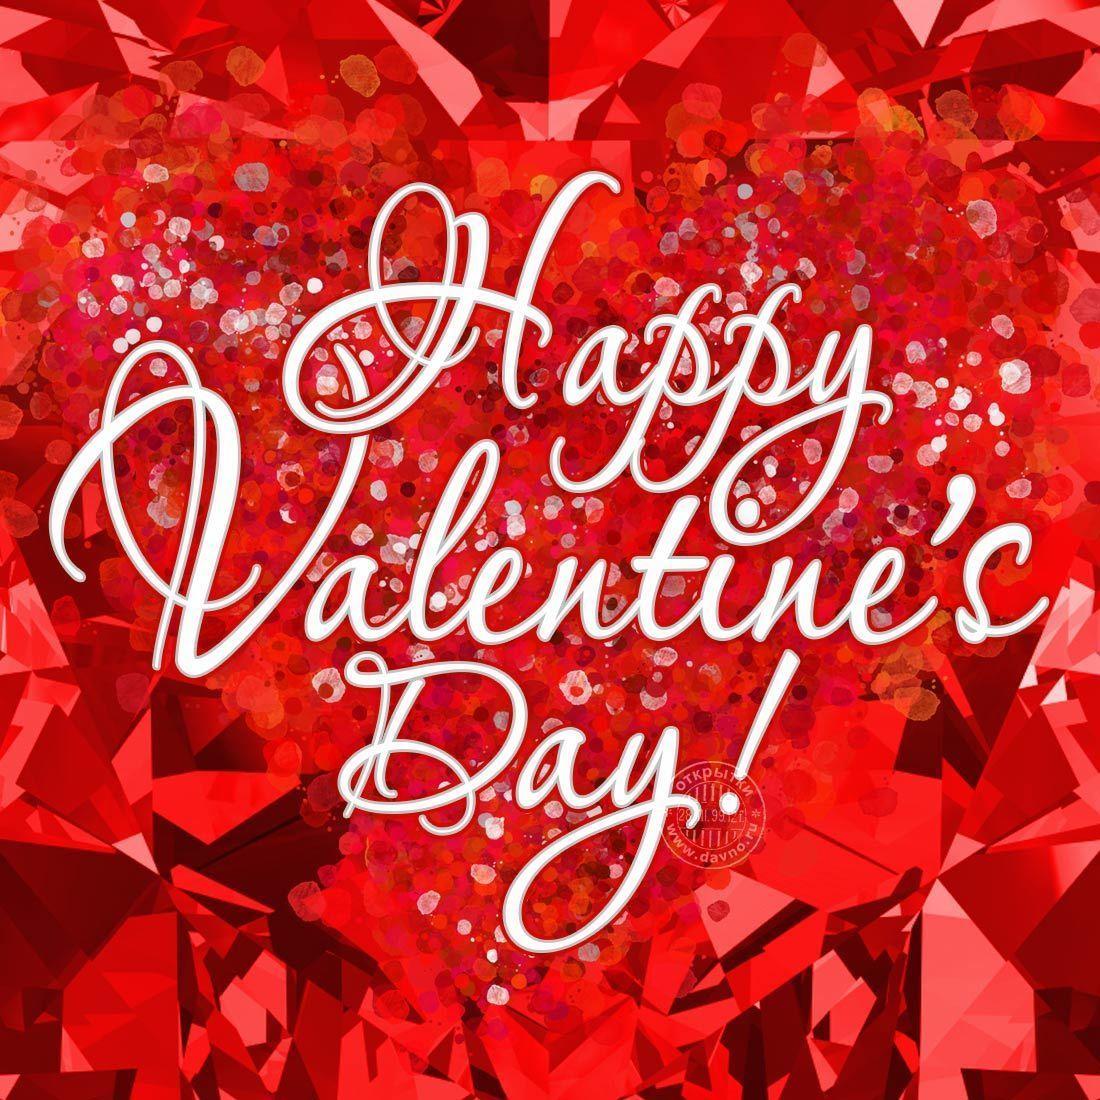 что подарить на день влюбленных Святого Валентина идеи